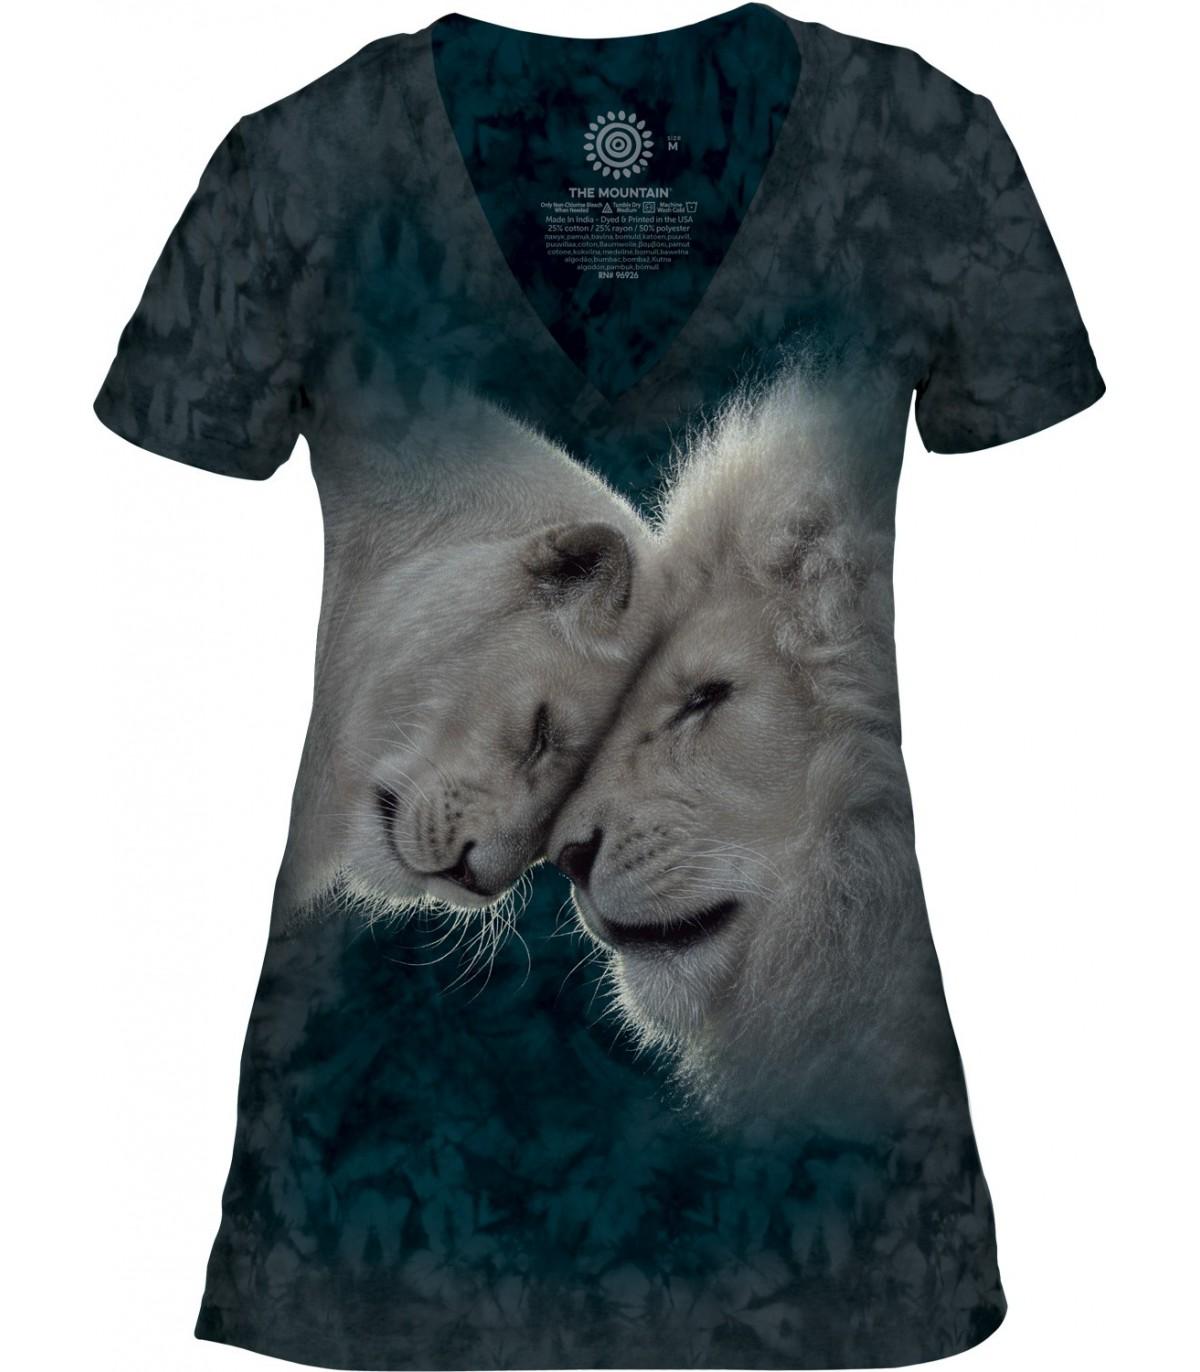 80795401289a the-mountain-white-lion-love-womens-tri-blend-vneck-t-shirt.jpg